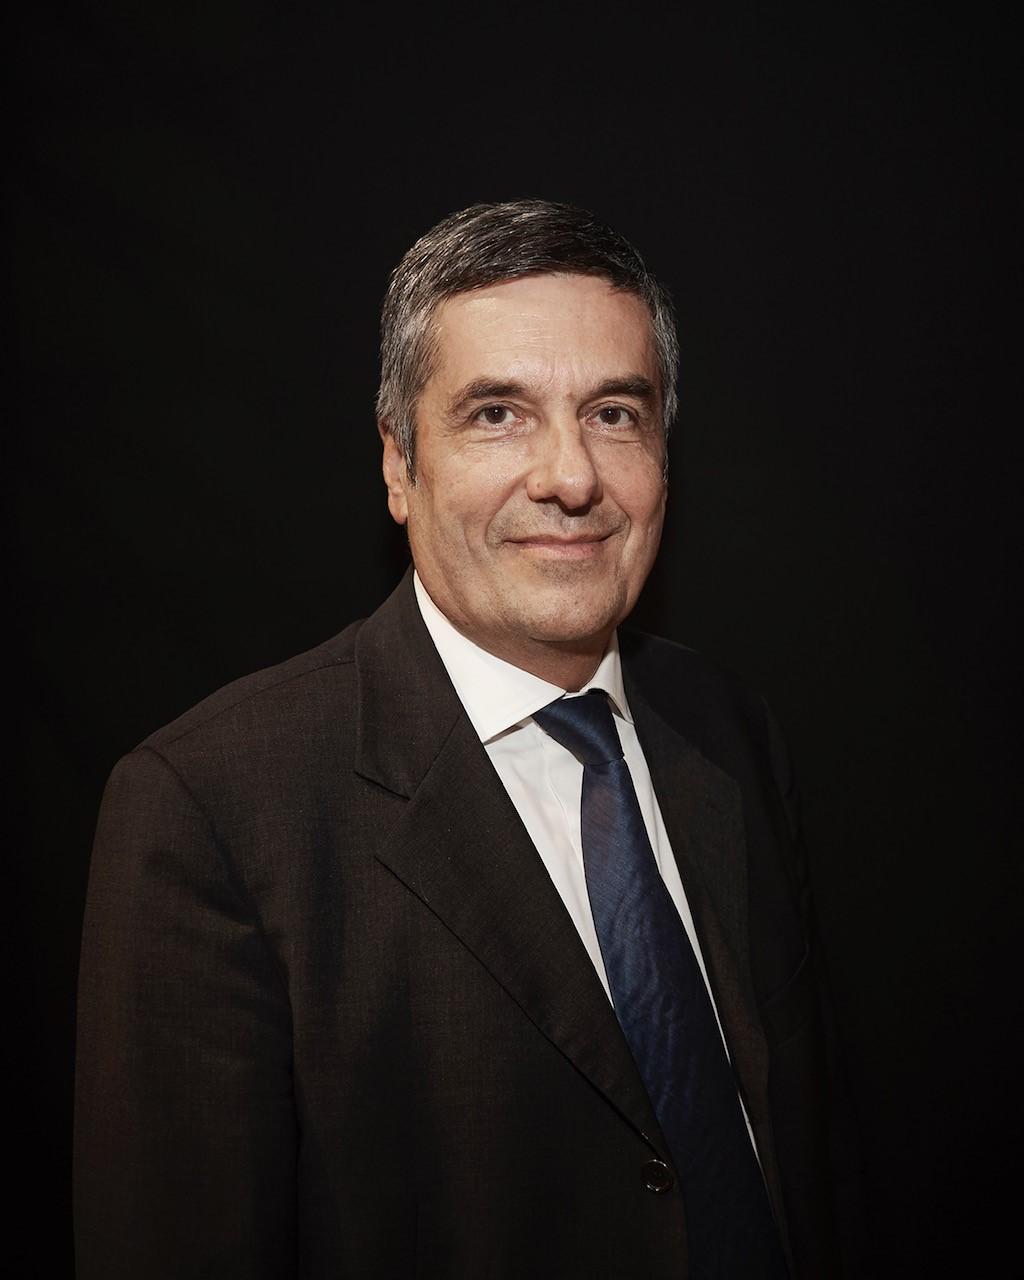 Roberto Bechis